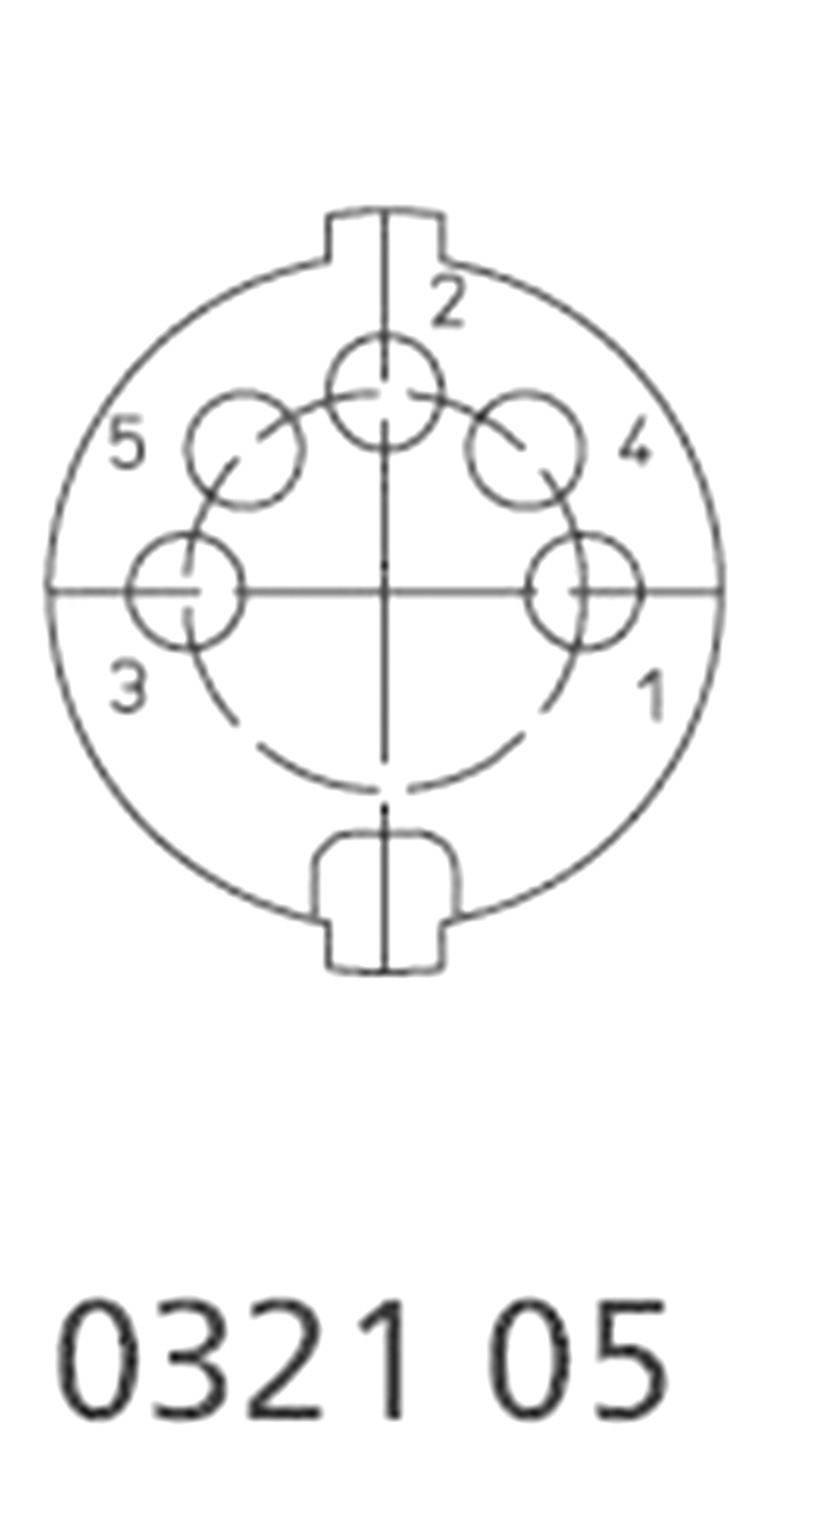 DIN kruhový konektor zástrčka, rovná Lumberg 0331 05, pinov 5, strieborná, 1 ks